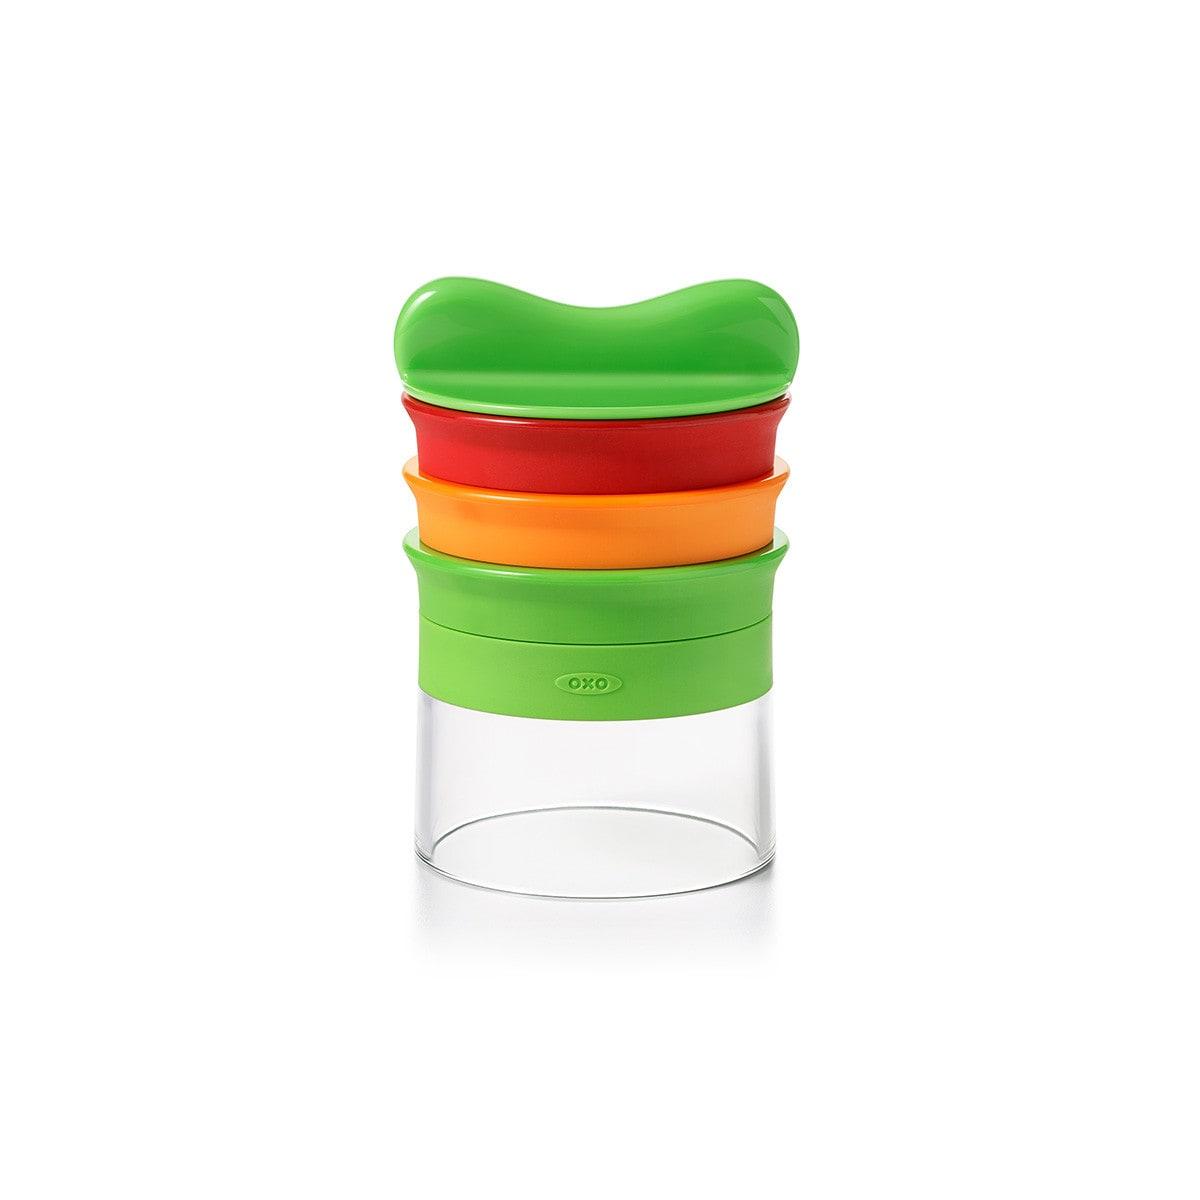 Oxo Spiralschneider mit drei unterschiedlichen Klingenaufsätzen aus Plastik grün, orange und rot